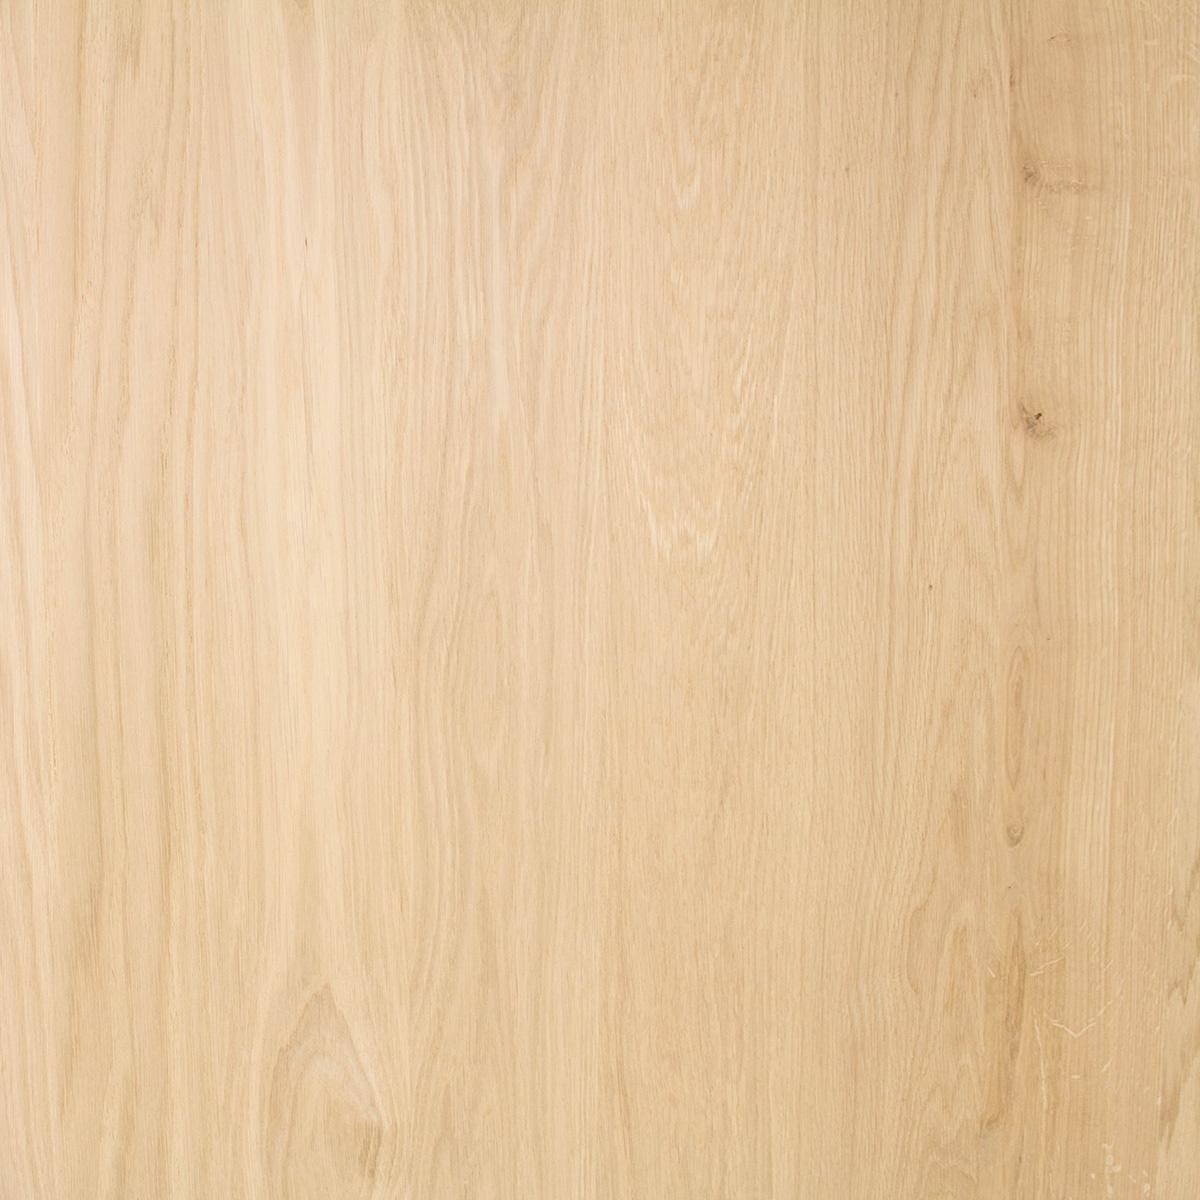 Eiken paneel - 2 cm dik (1-laag) - 122 cm breed - 140 - 300 cm lang in lengtestaffels van 20 cm - Foutvrij (A) eikenhout kd 8-12% - verlijmd - doorgaande lamellen